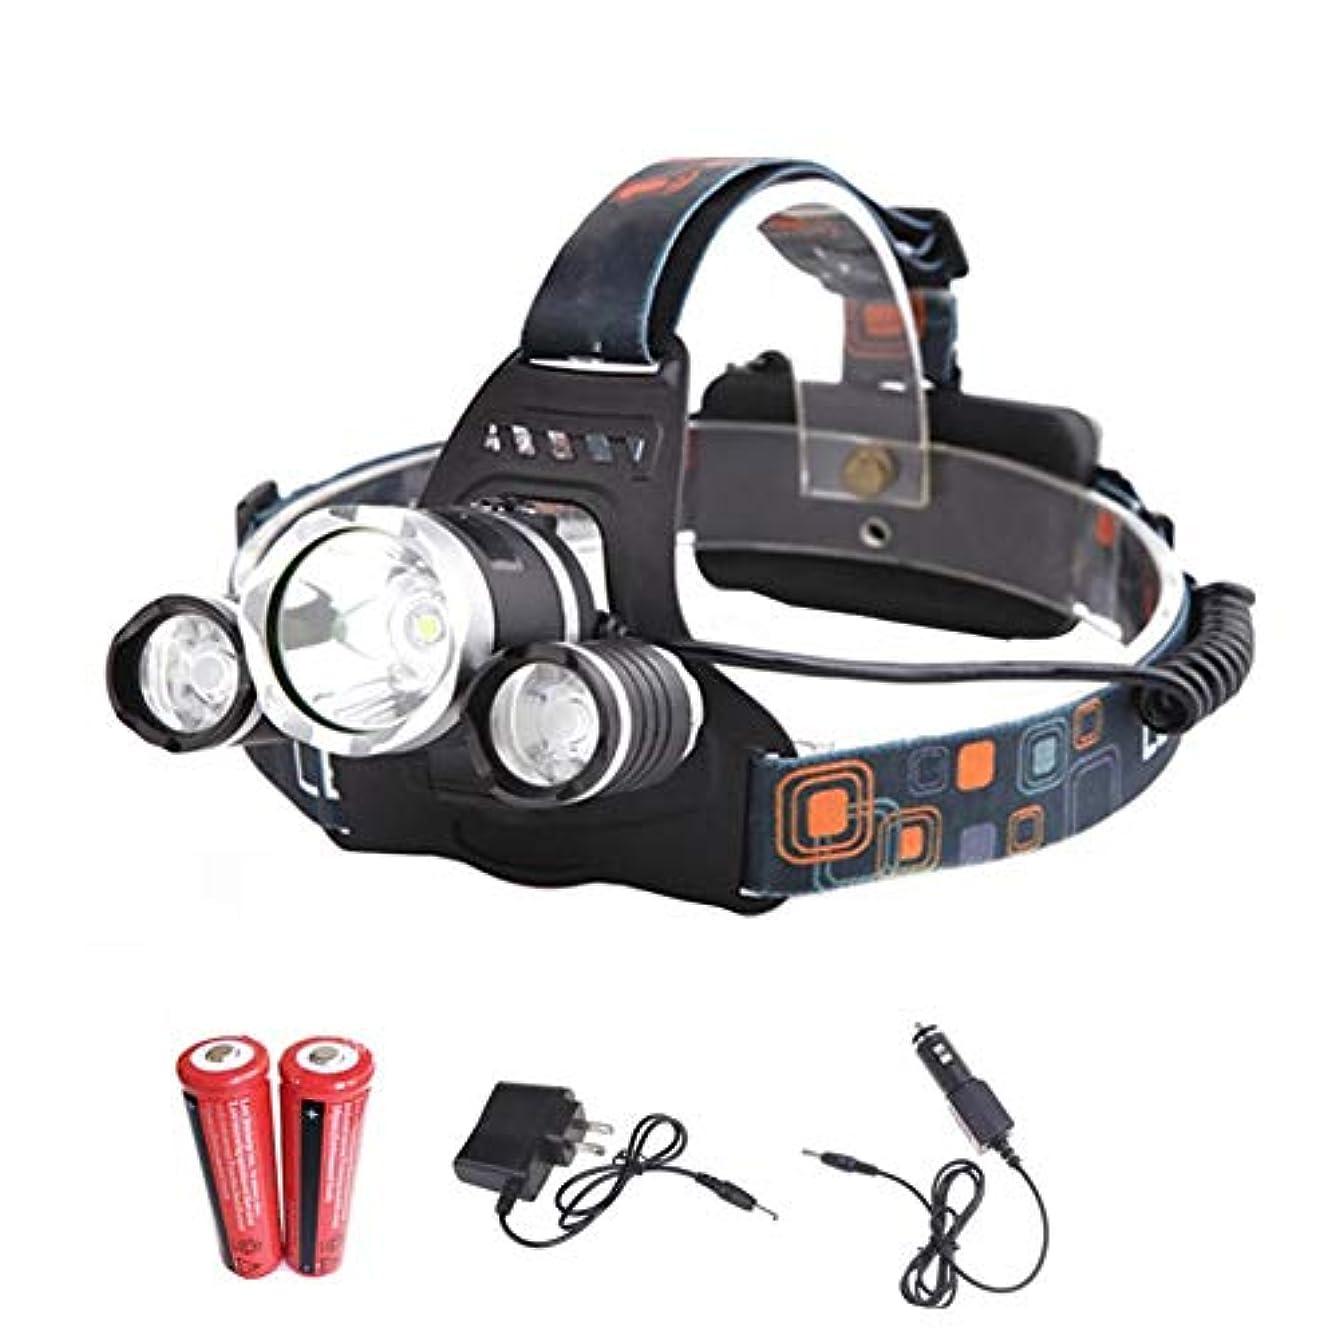 強風枯渇するボイラーViugreum LEDネックライト LED作業灯 ブックライト ヘッドライト LEDフラッシュライト トラベルライト USB充電式 ウォーキング ライト 登山 キャンプ用